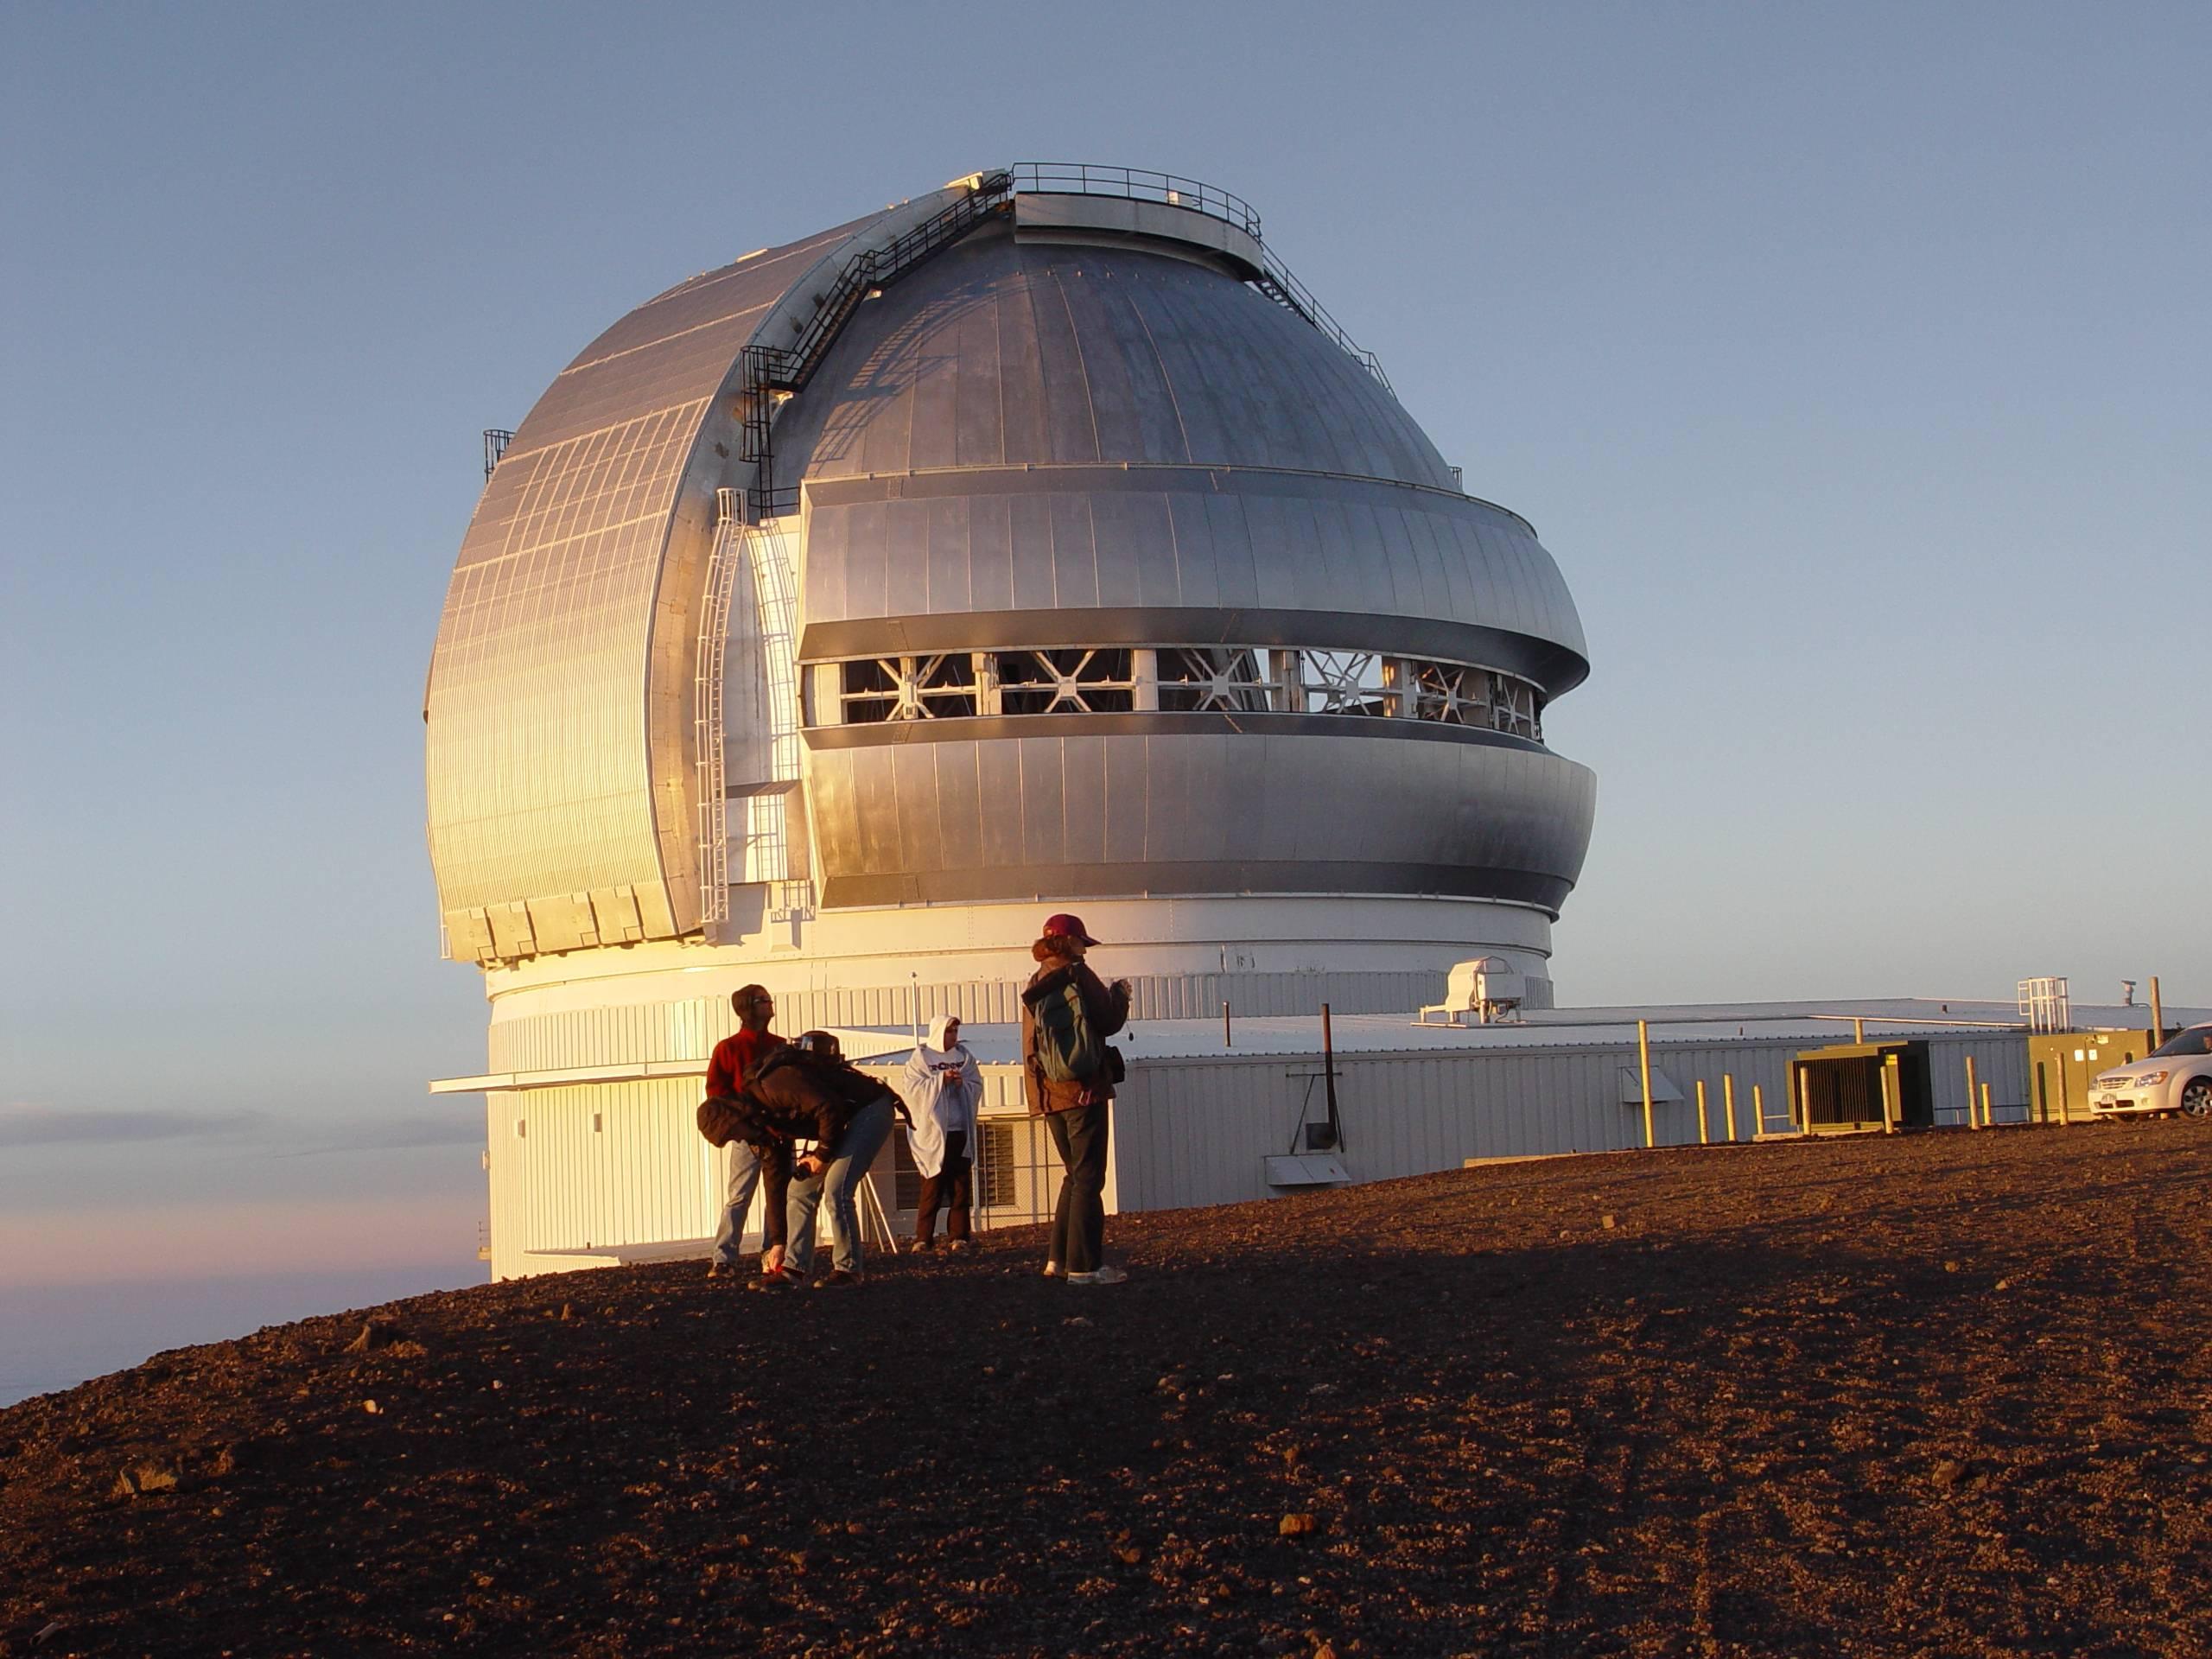 Telescopio ubicado en Chile capta imagen con las estrellas mas antiguas en la Vía Láctea